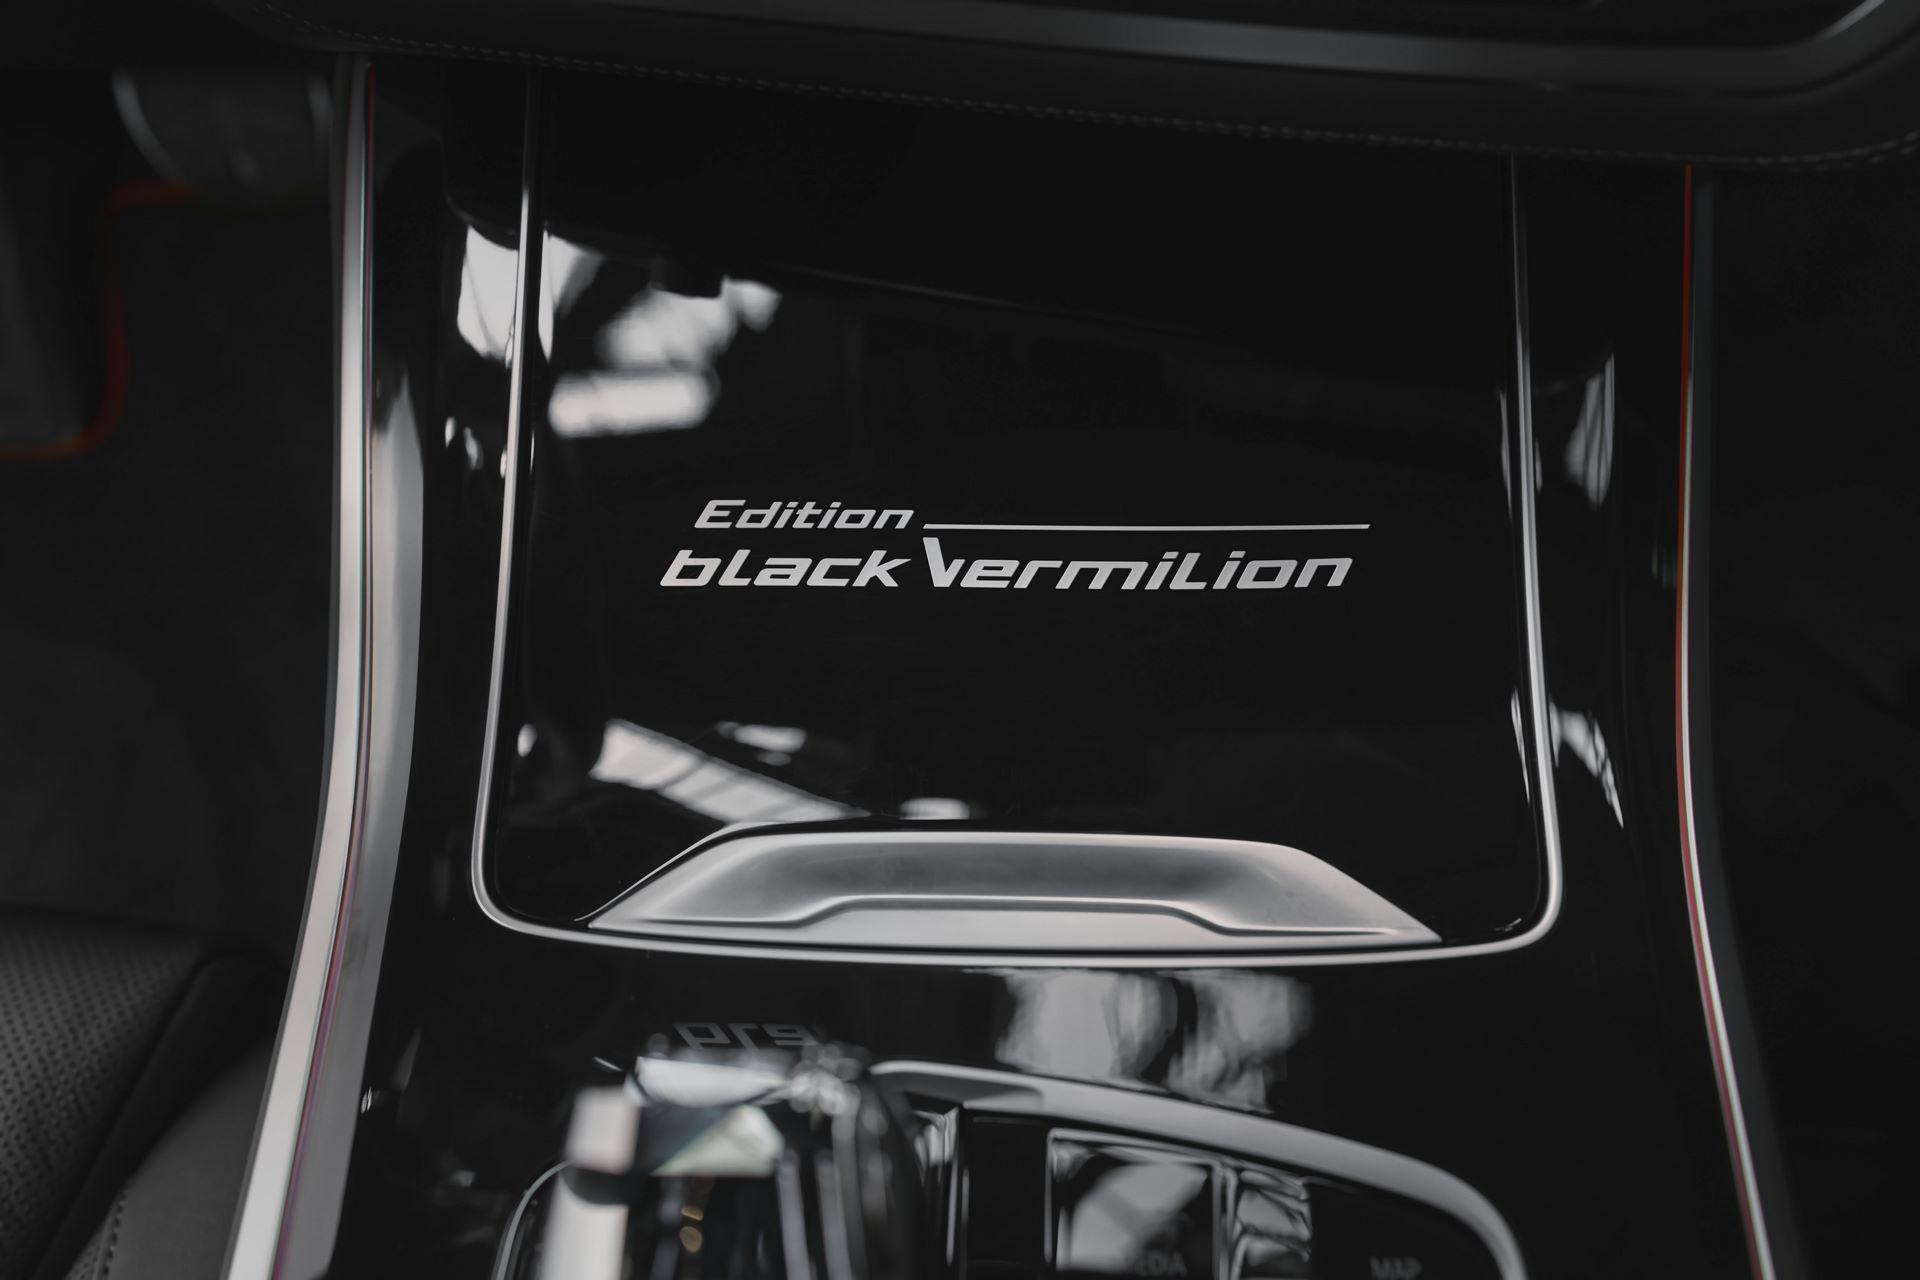 BMW-X5-Χ6-Black-Vermilion-X7-Limited-Edition-16